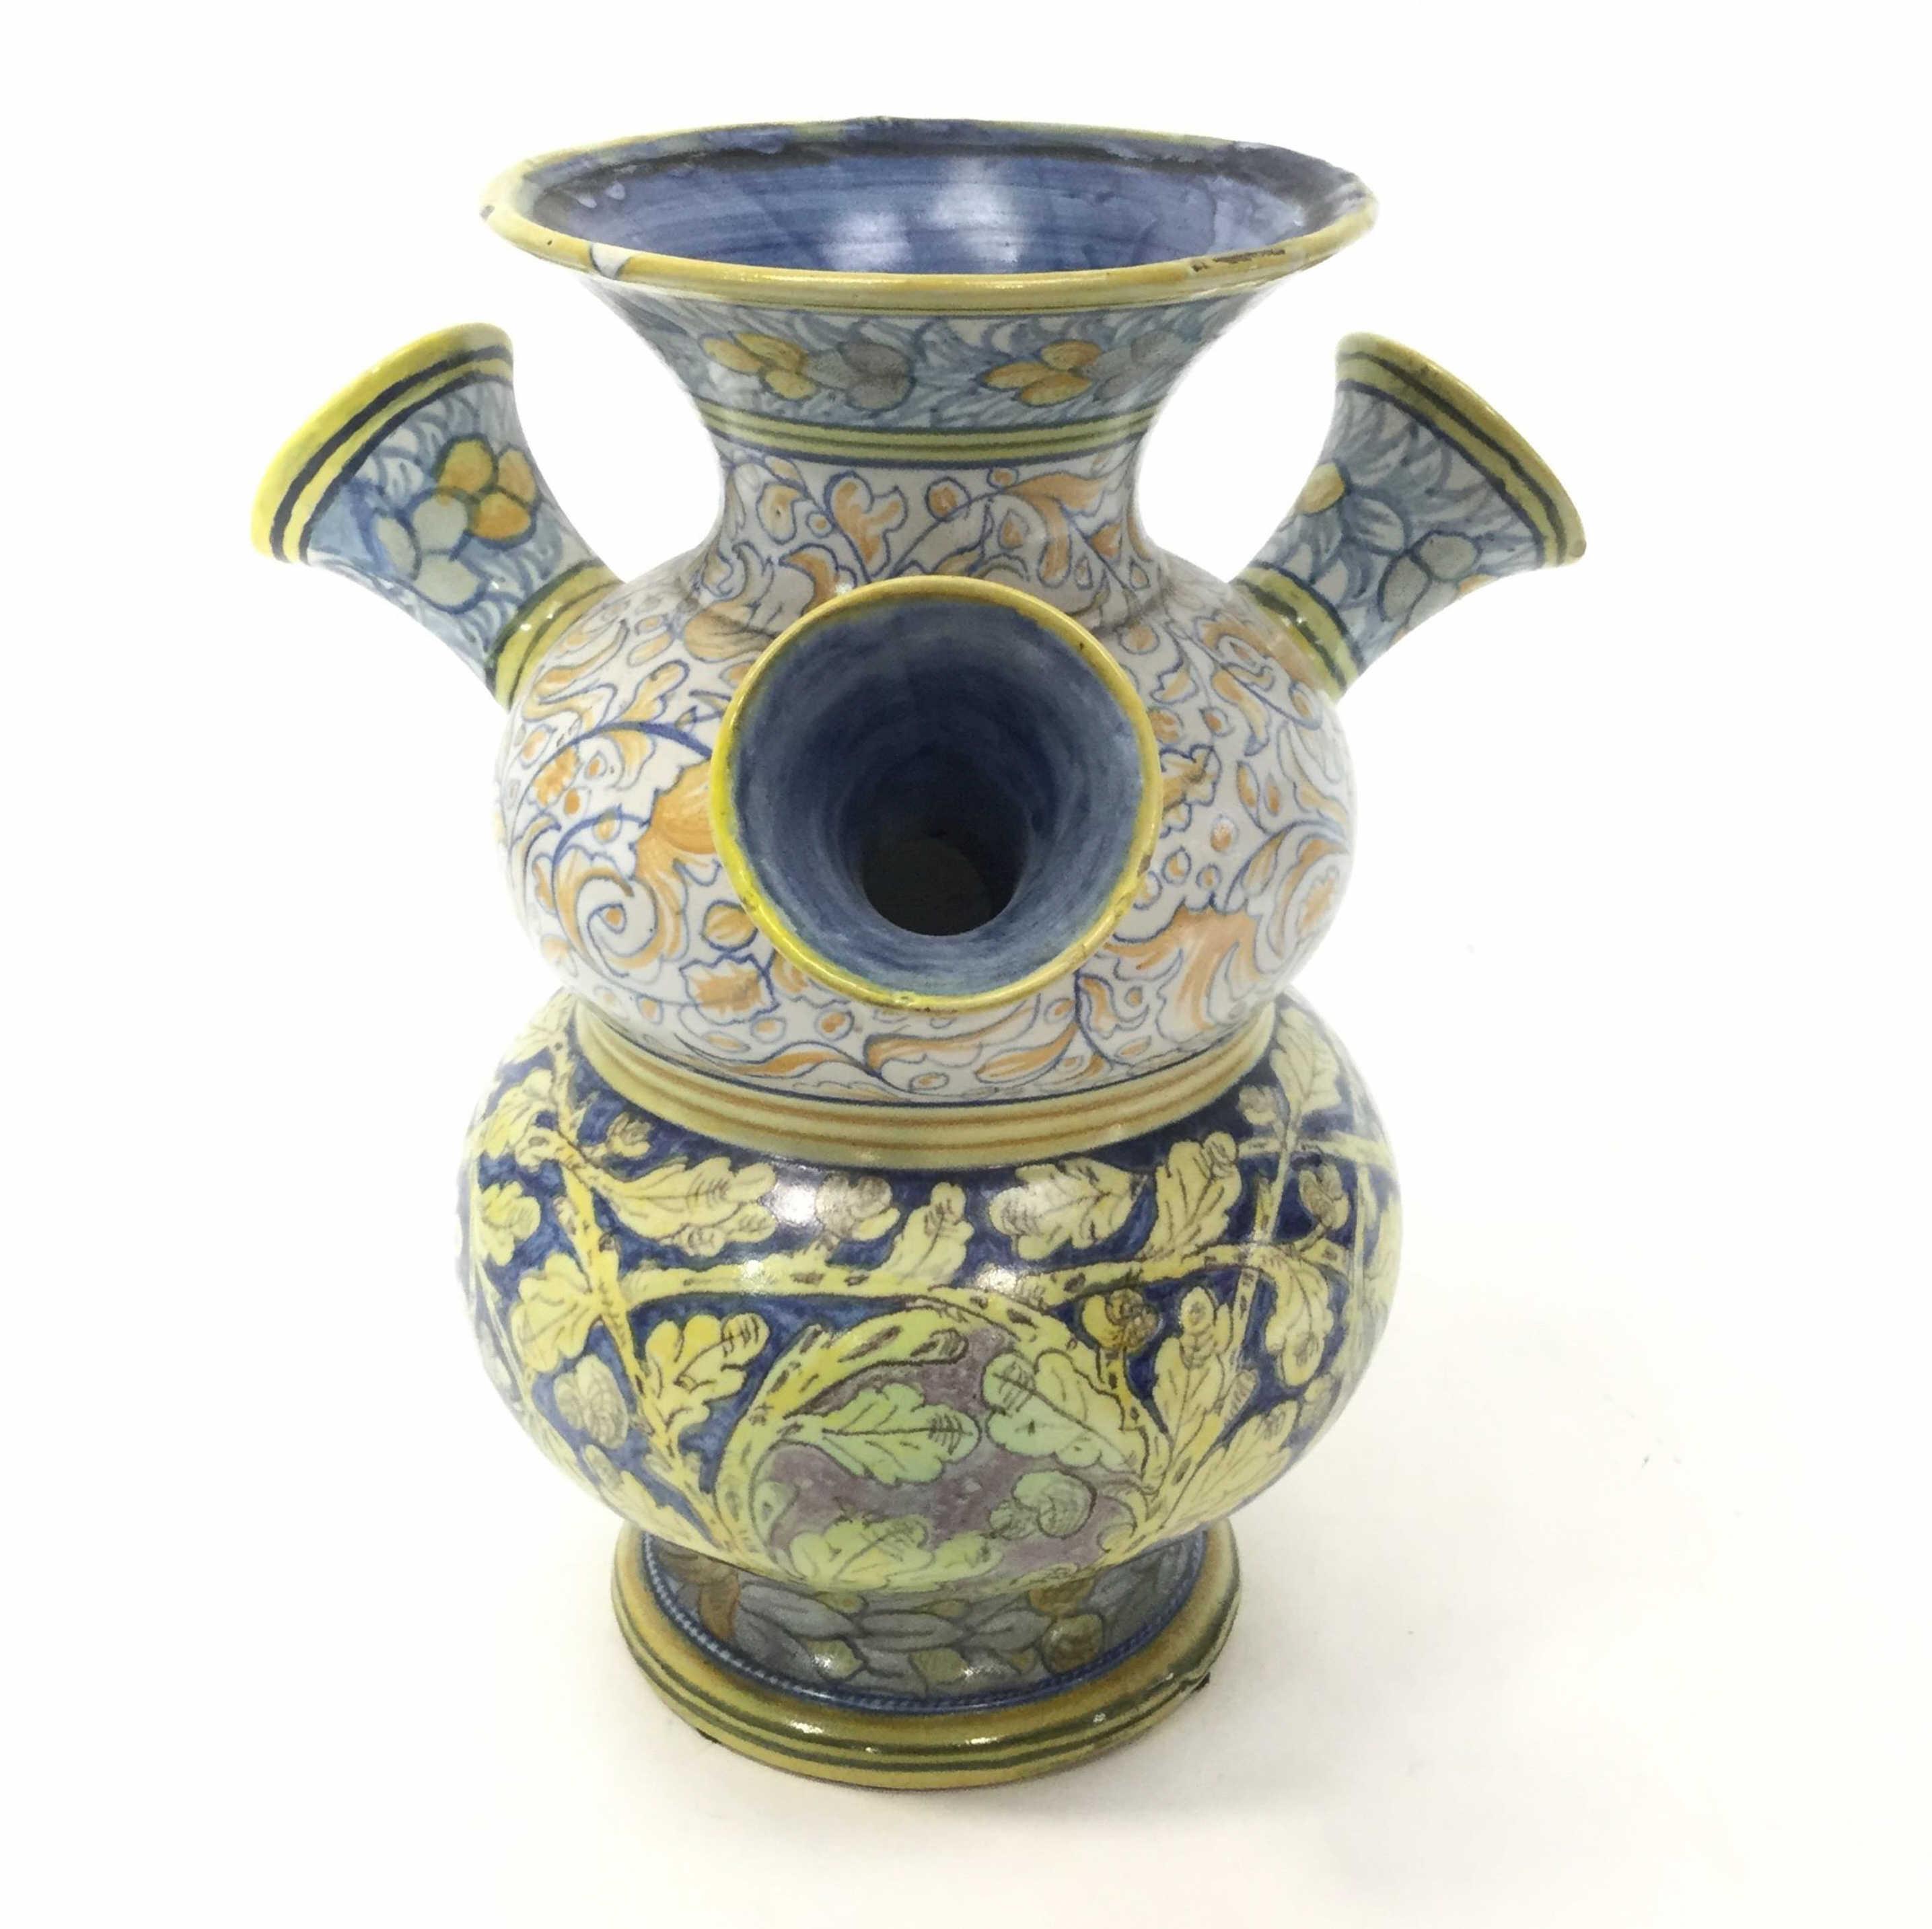 Cantagalli Italian Faience Vase